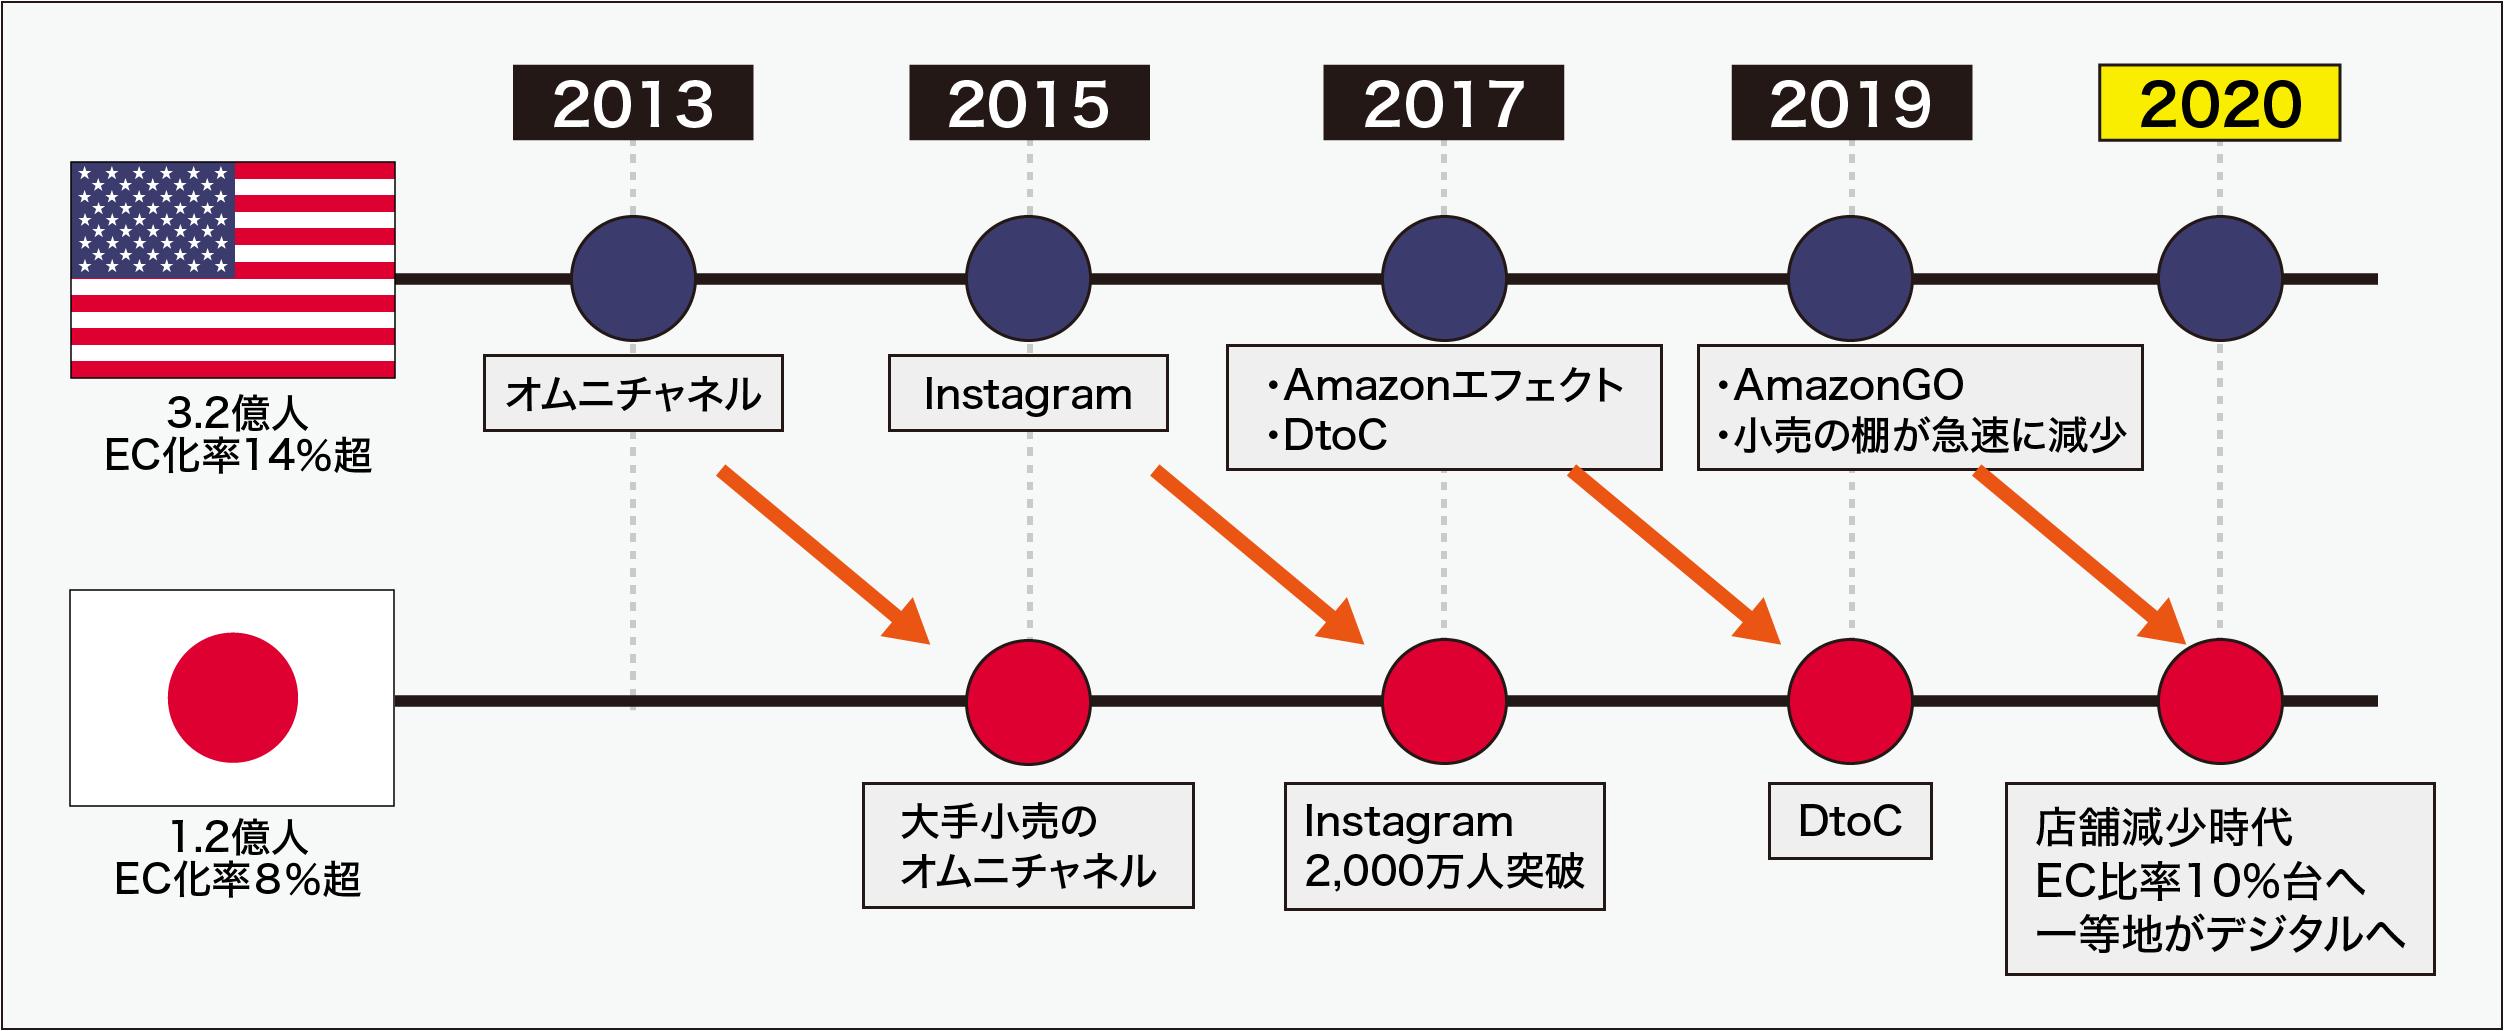 アメリカの小売トレンドは日本の先を行っている